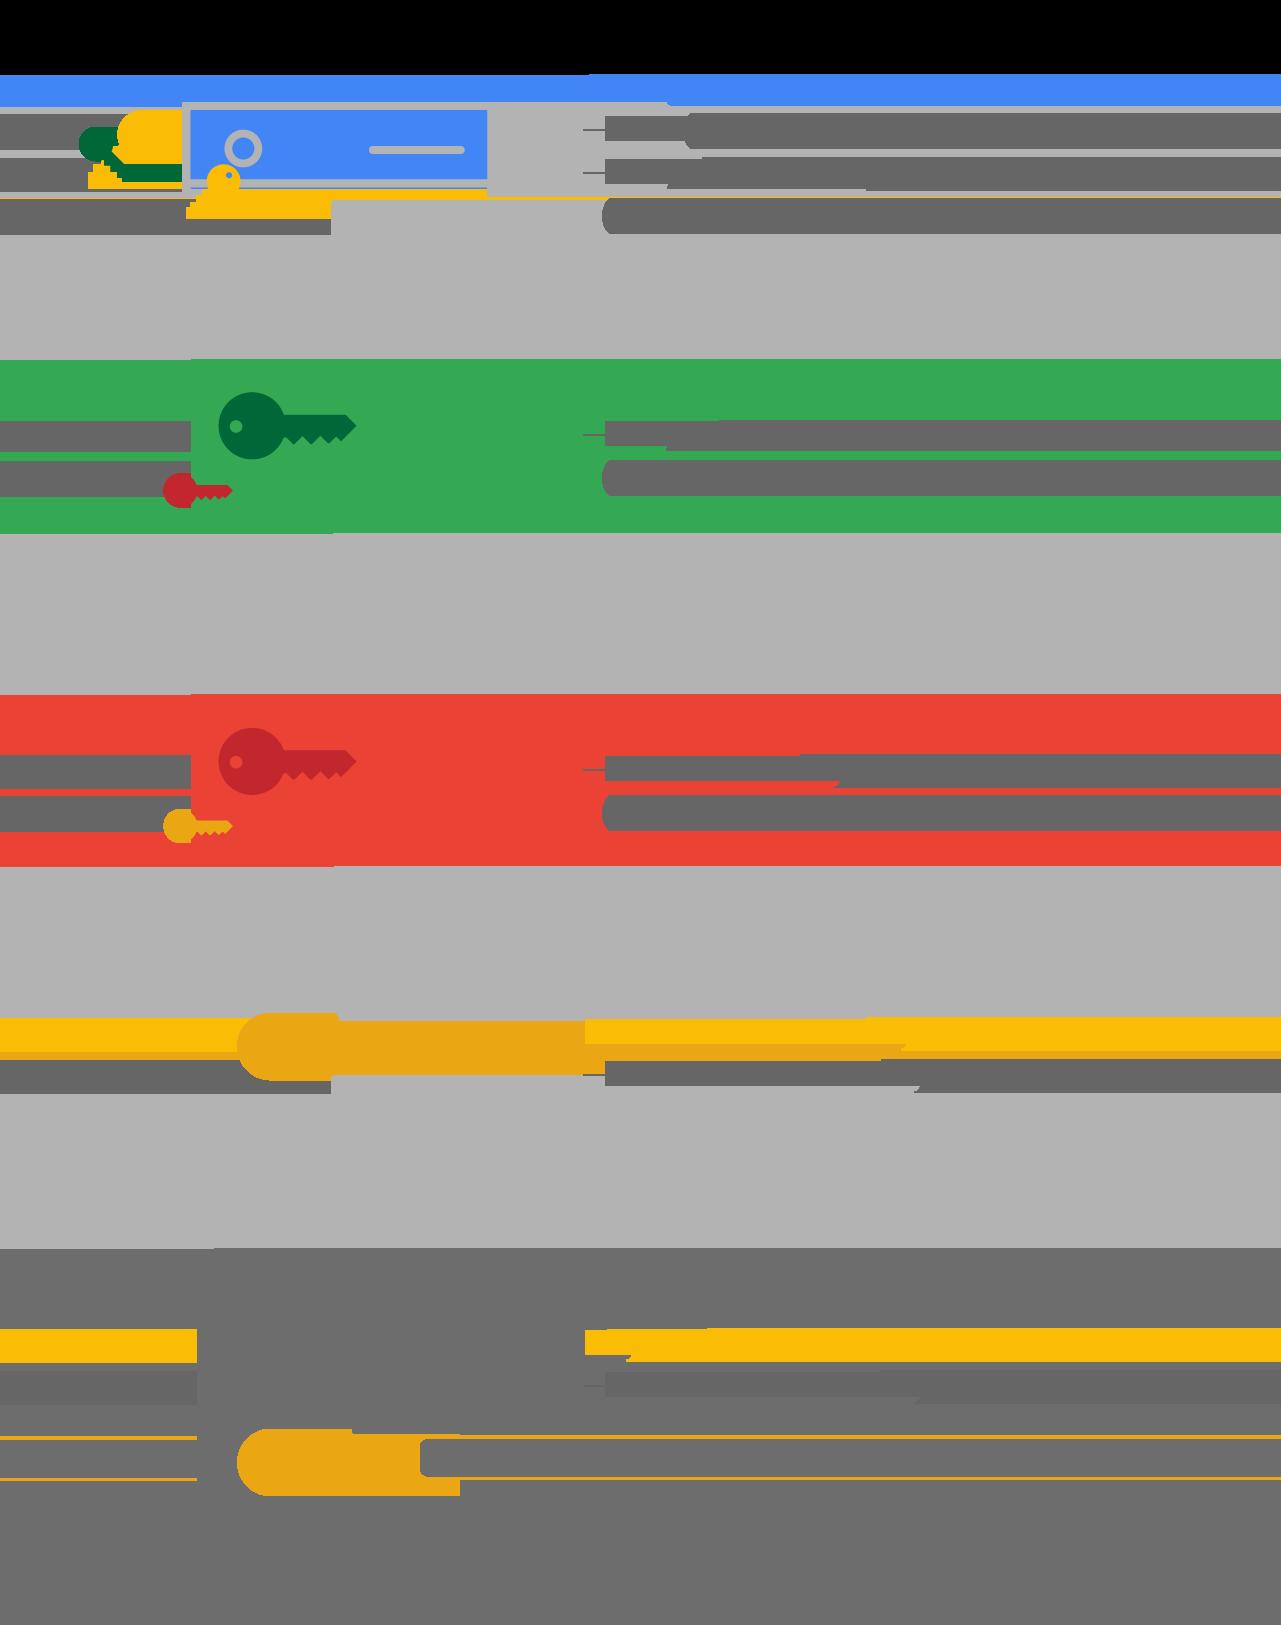 Google'ın şifreleme hiyerarşisi diyagramı